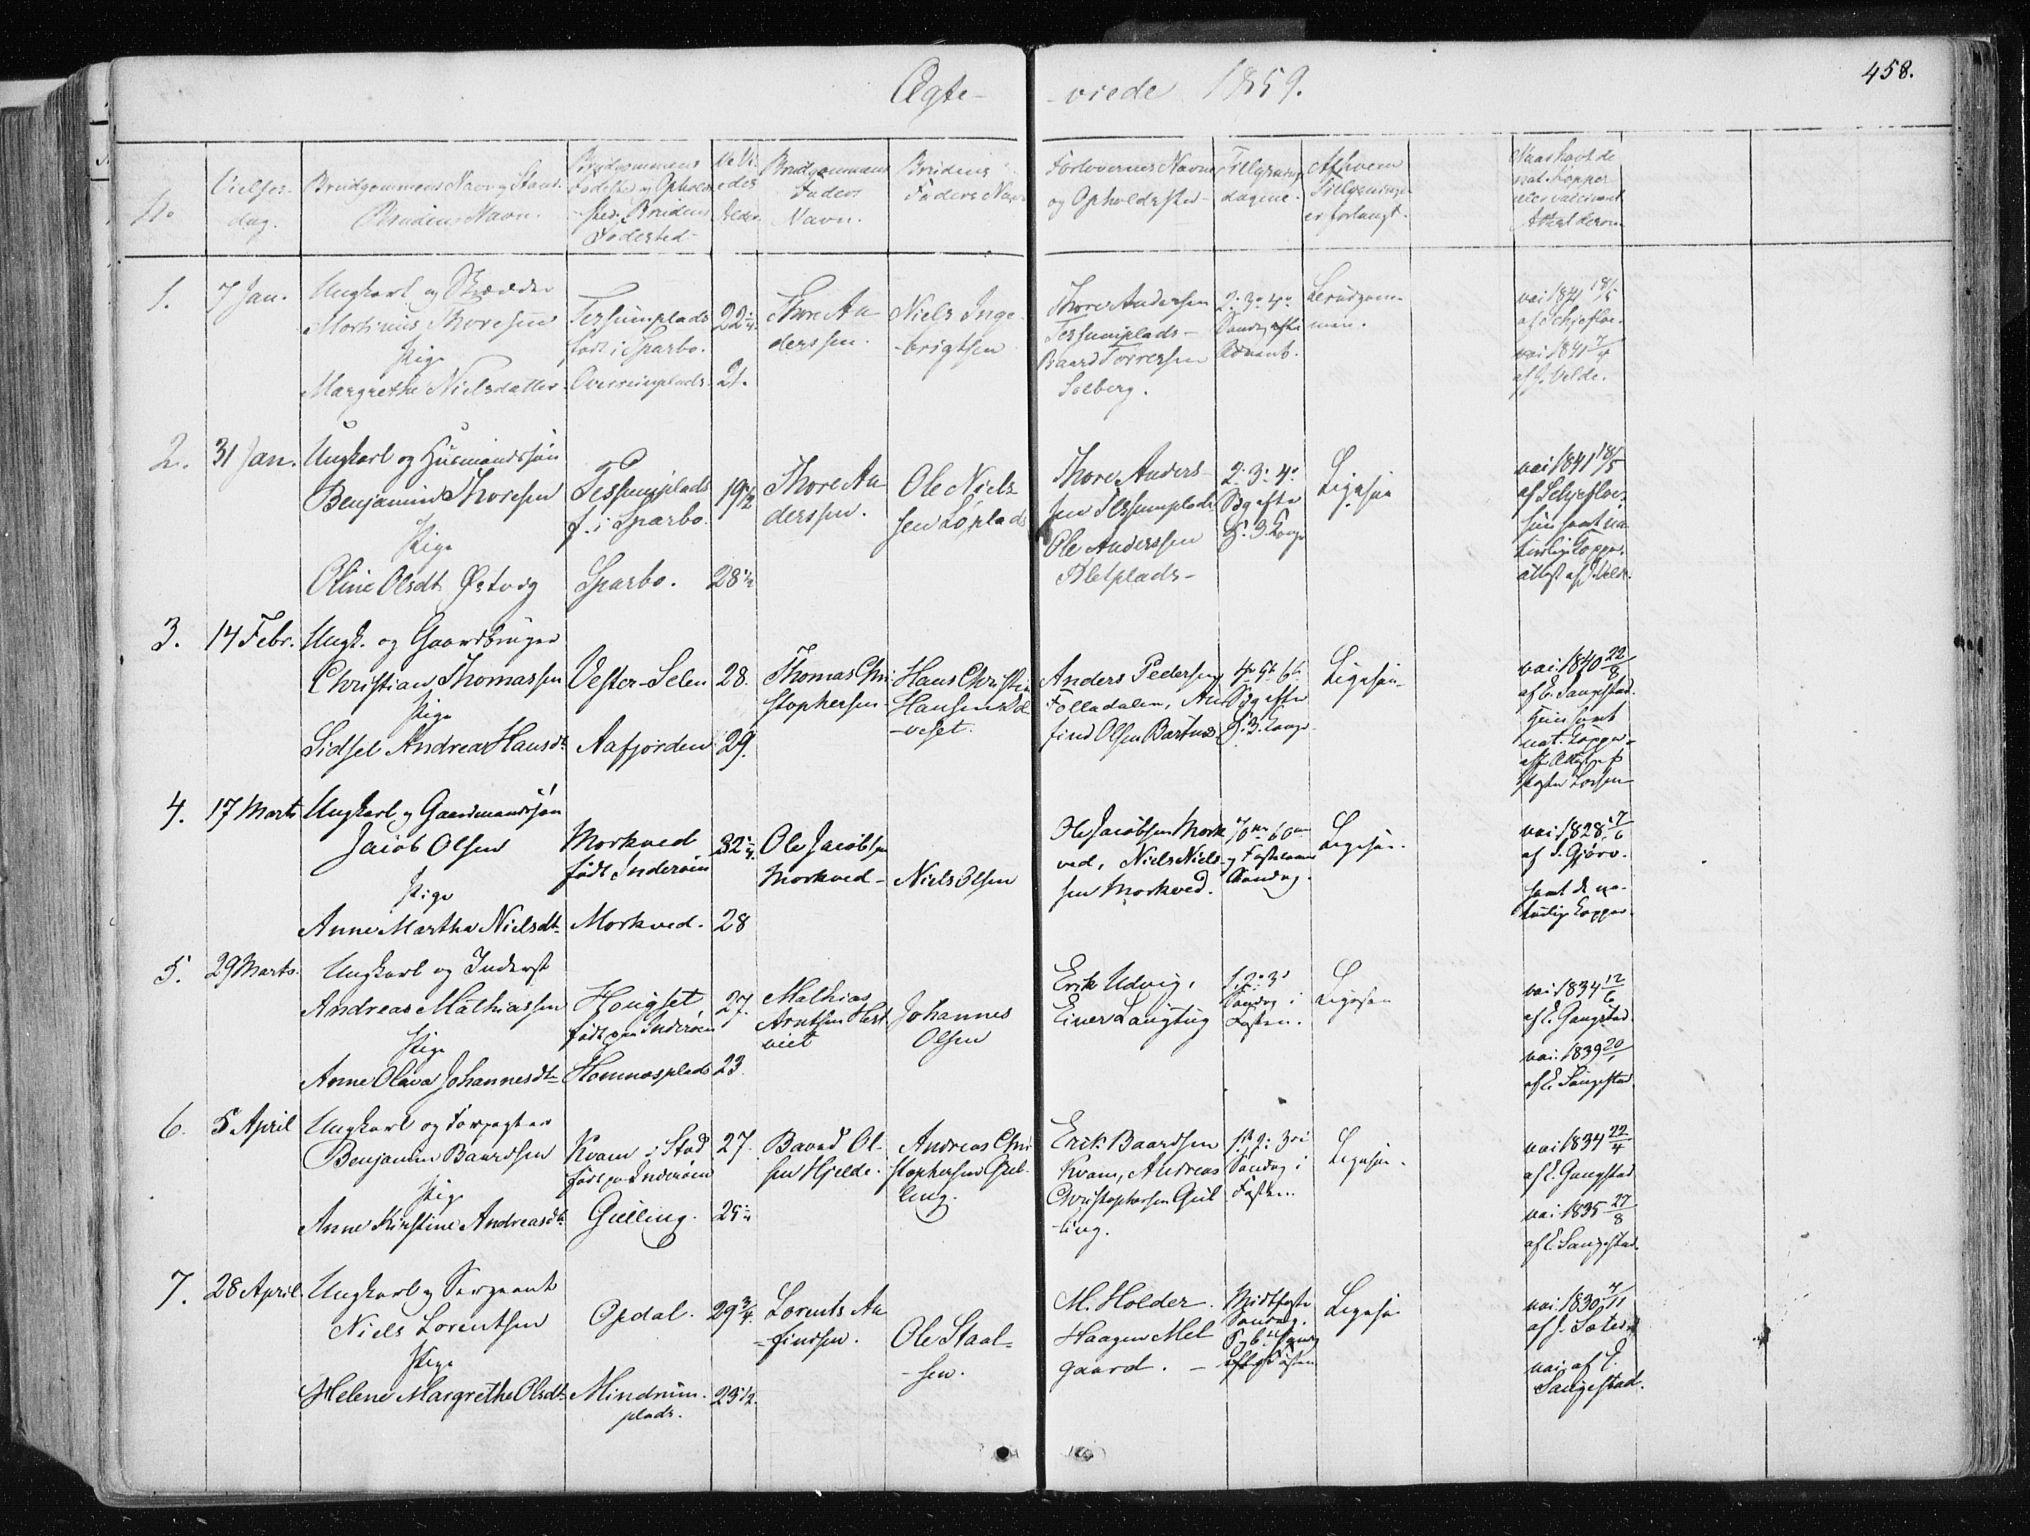 SAT, Ministerialprotokoller, klokkerbøker og fødselsregistre - Nord-Trøndelag, 741/L0393: Ministerialbok nr. 741A07, 1849-1863, s. 458